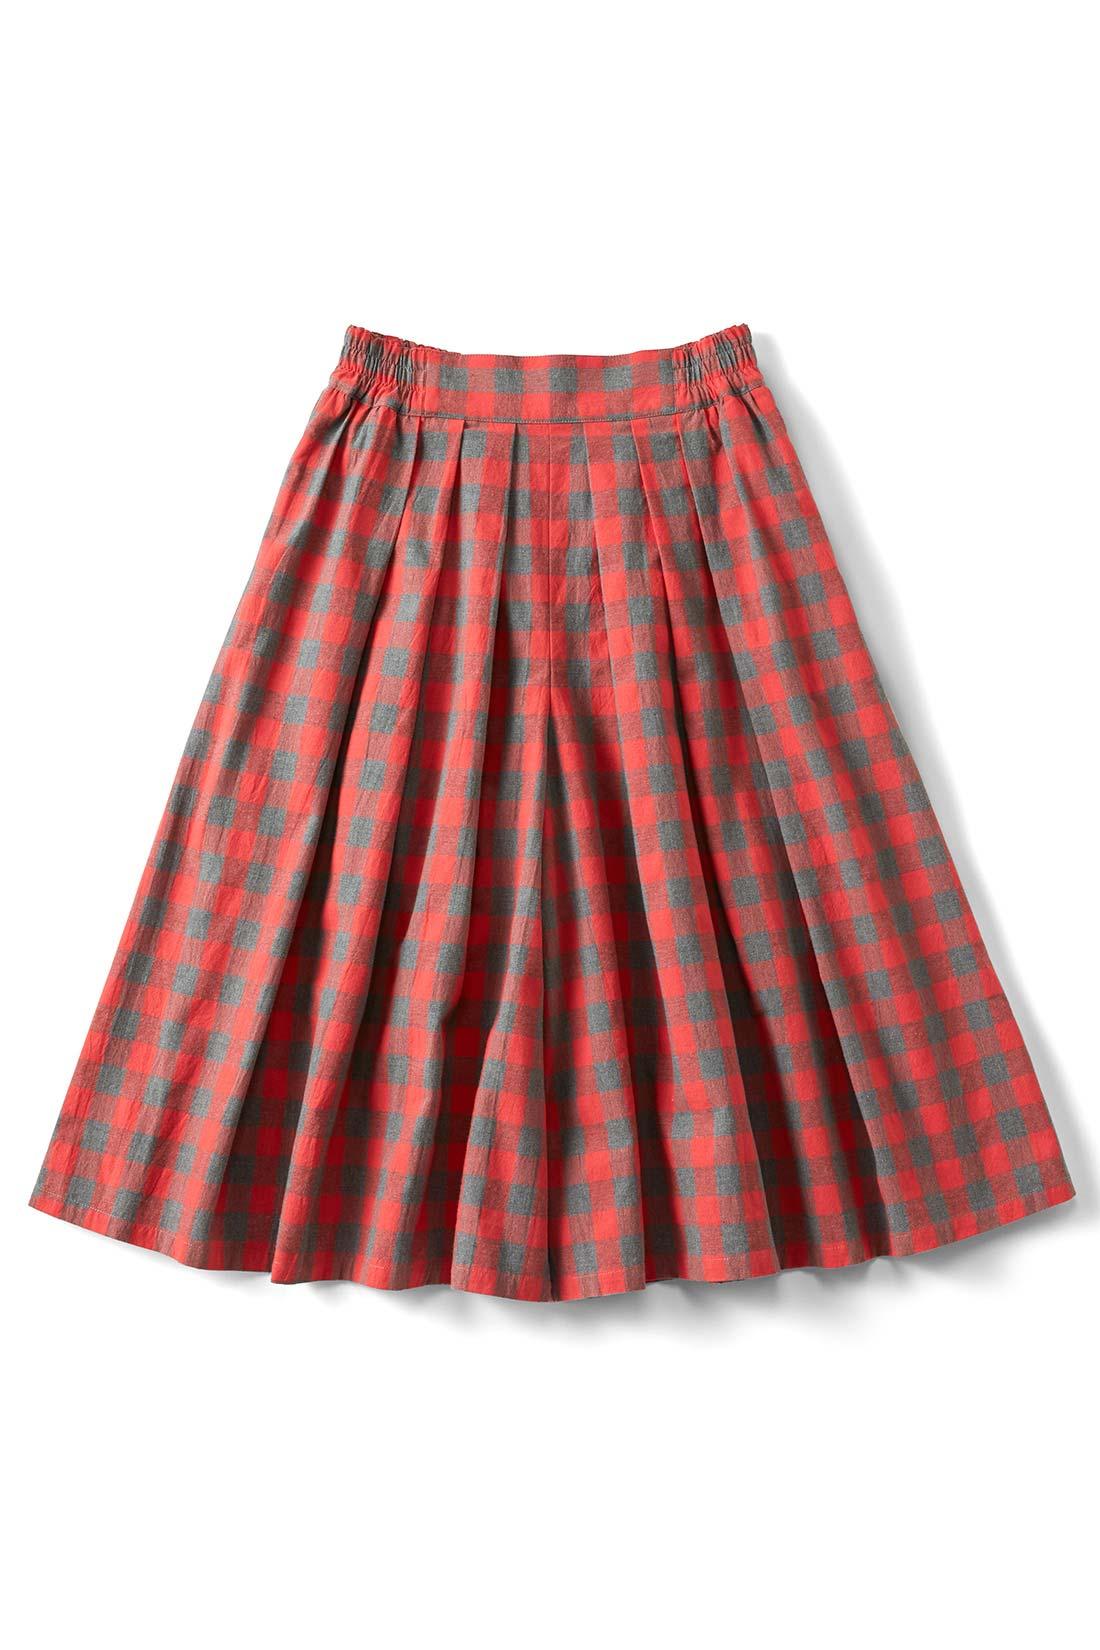 [ブロックチェック]両サイドには便利なポケットが。スカートみたいなシルエットでしょ。